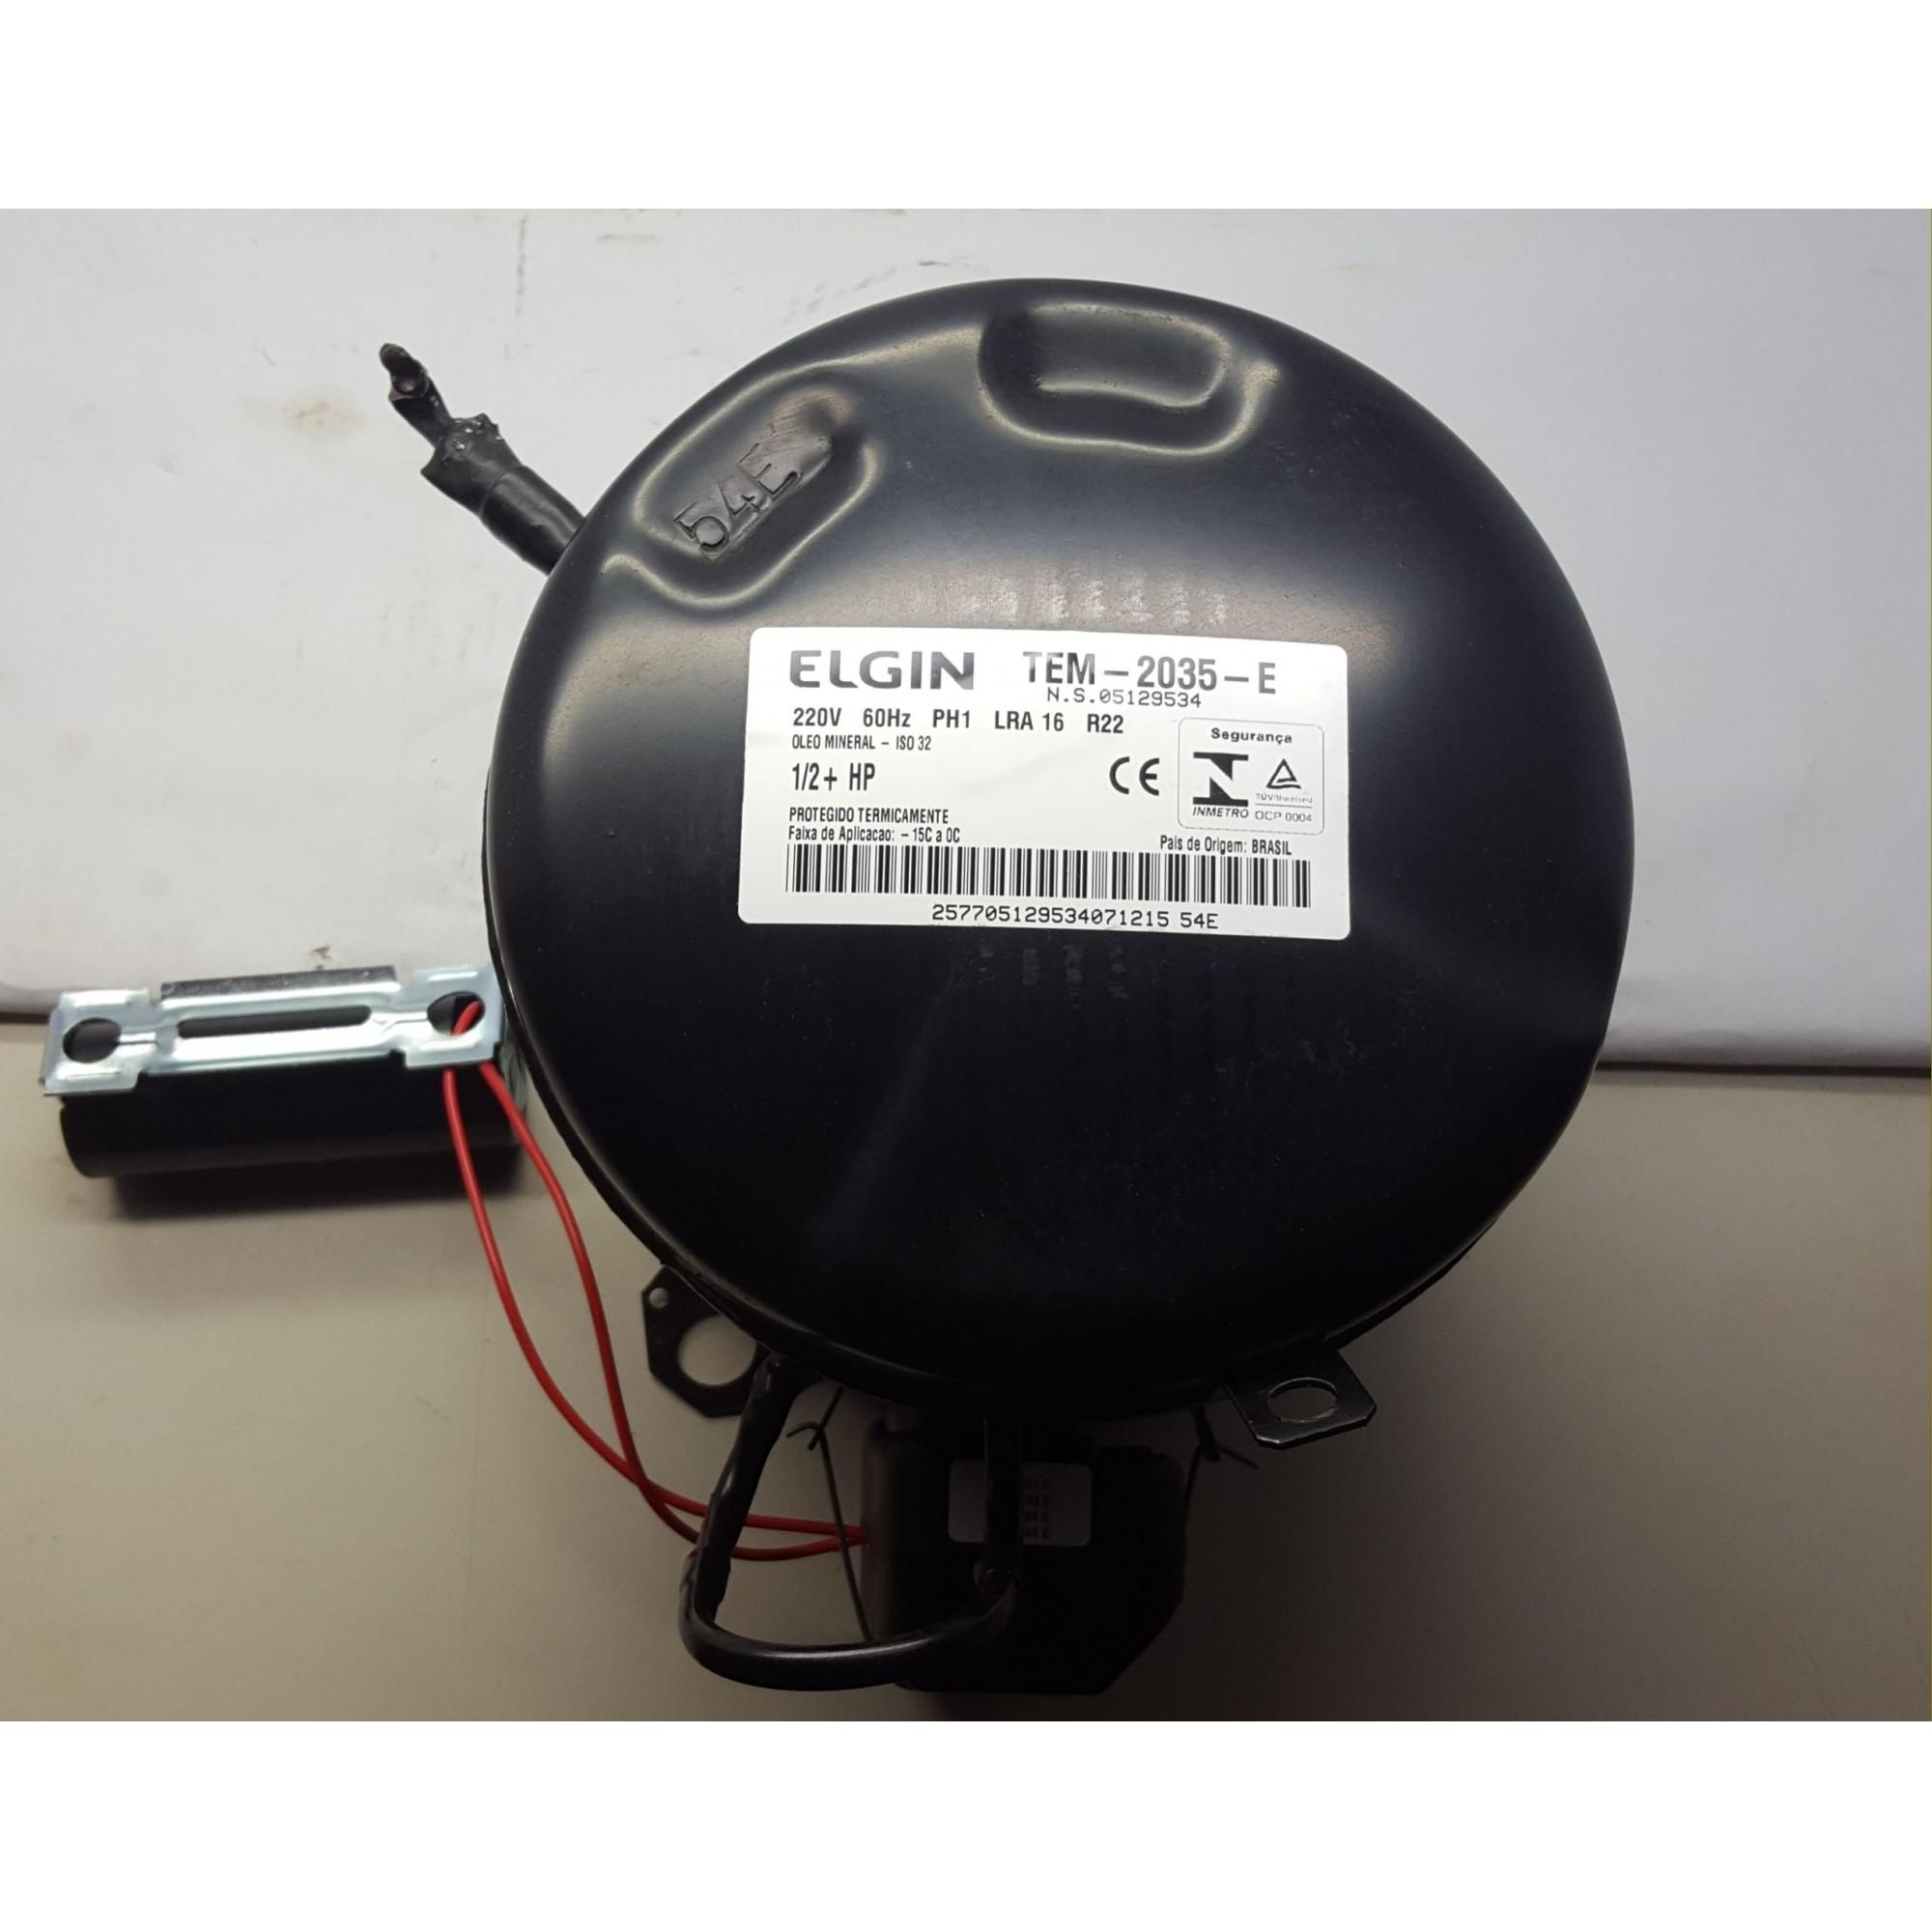 COMPRESSOR ELGIN 1/2+ HP - TEM-2035-E - R22 (220v)